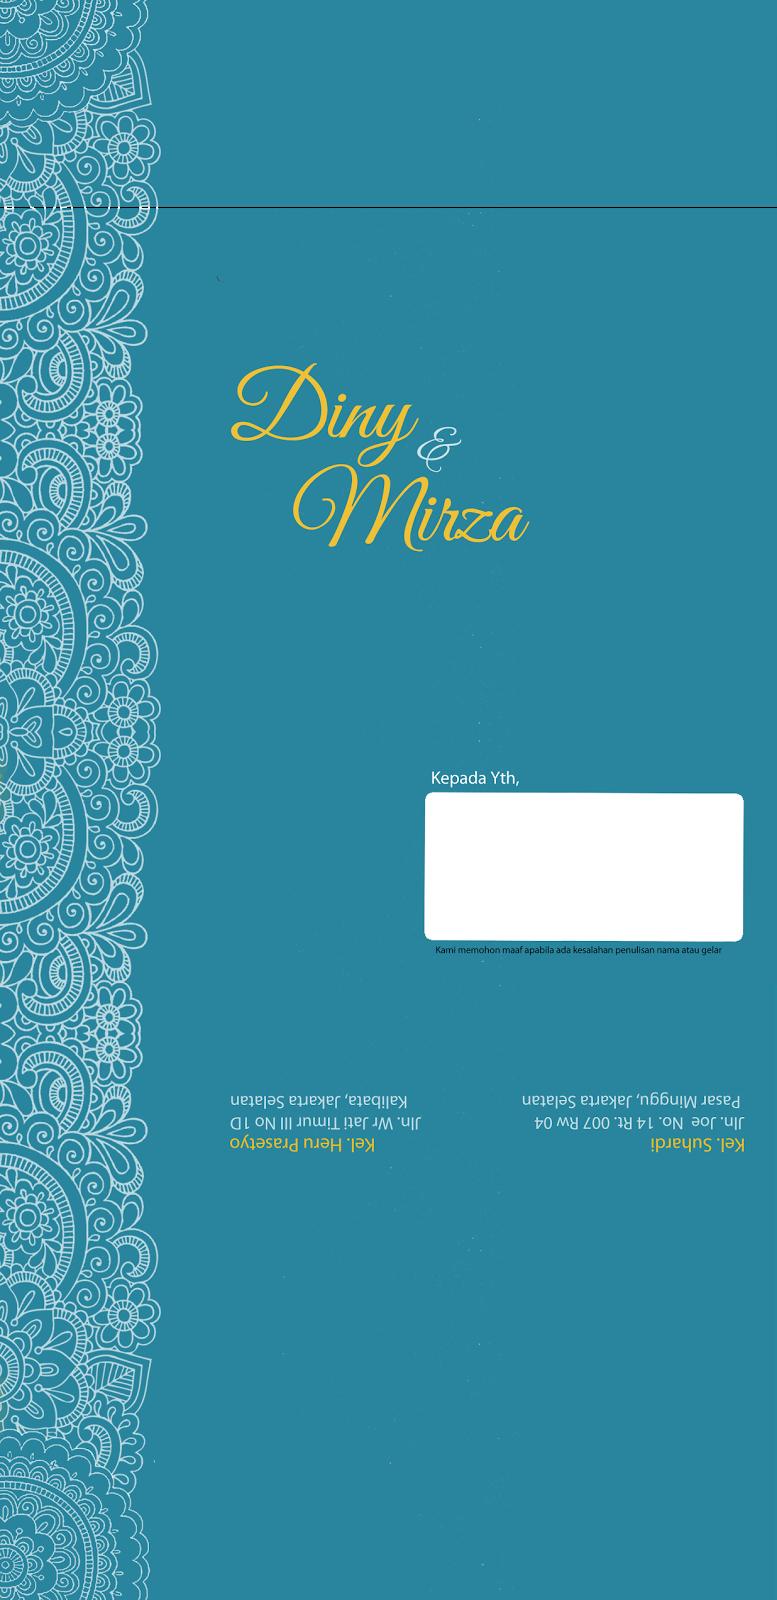 Undangan Pernikahan Bagian 2 Dunia Diny Kartu Ucapan Terima Kasih Kupon Souvenir 18